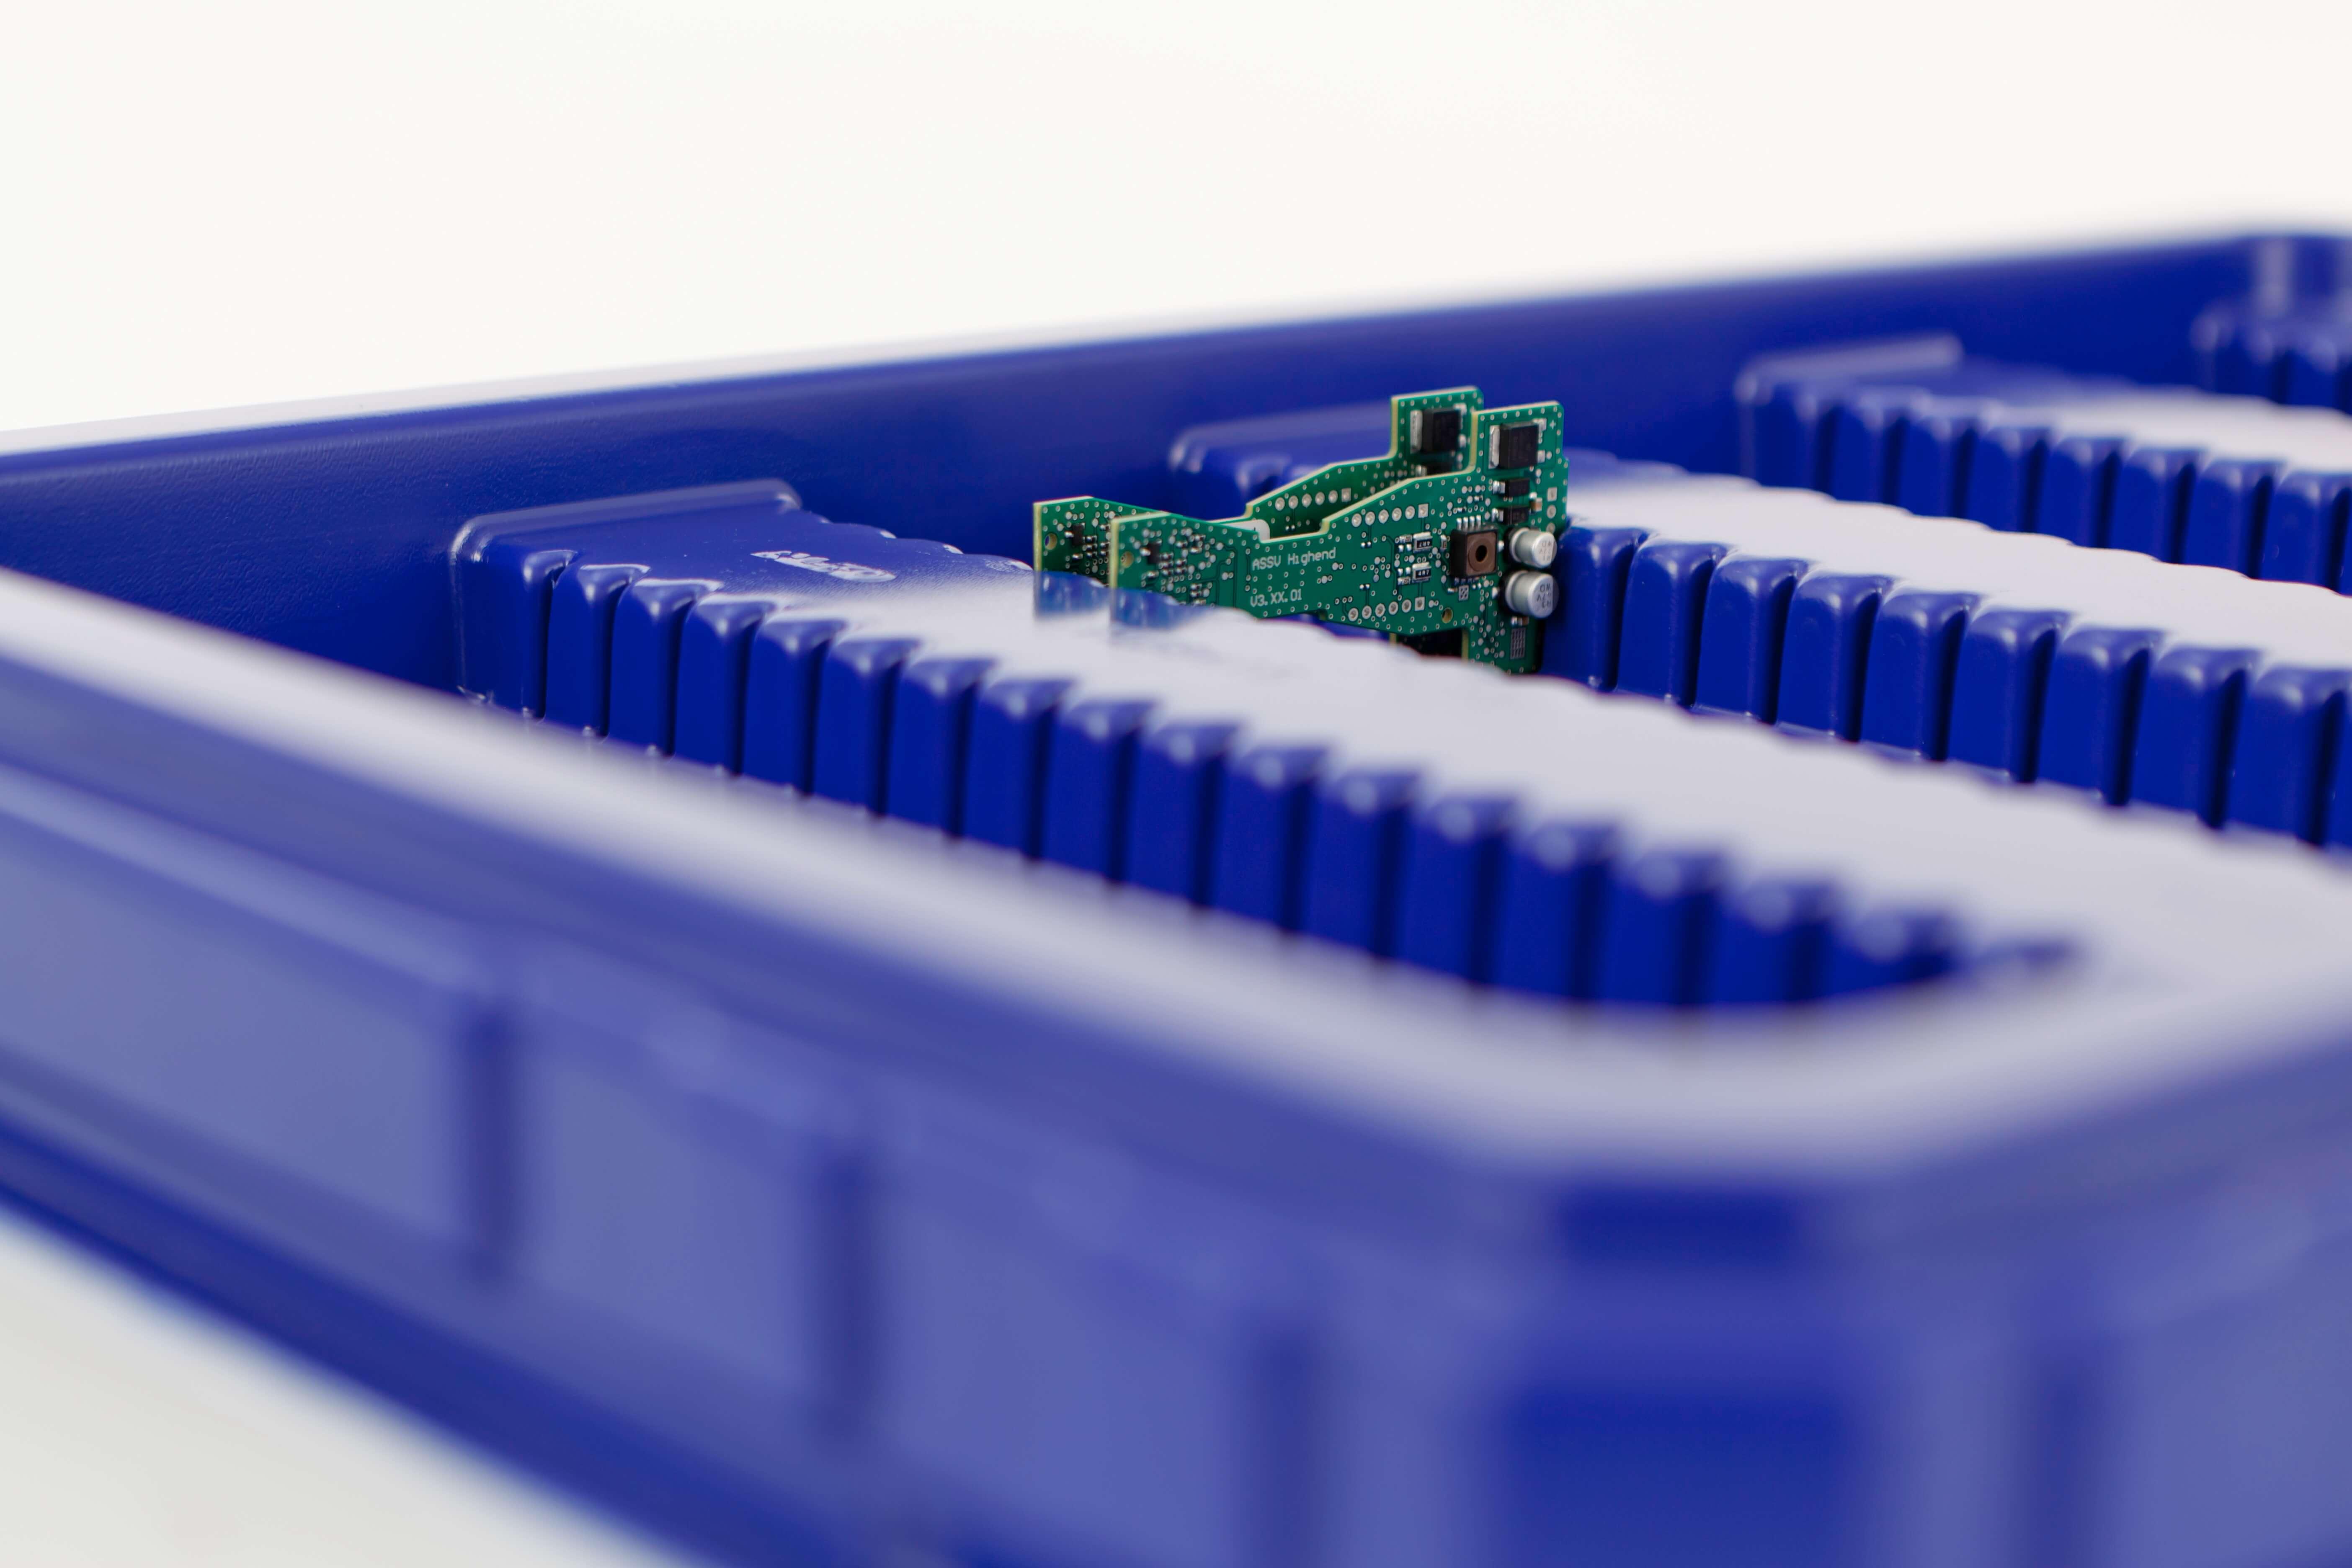 blauer Werkstückträger mit Computerchips